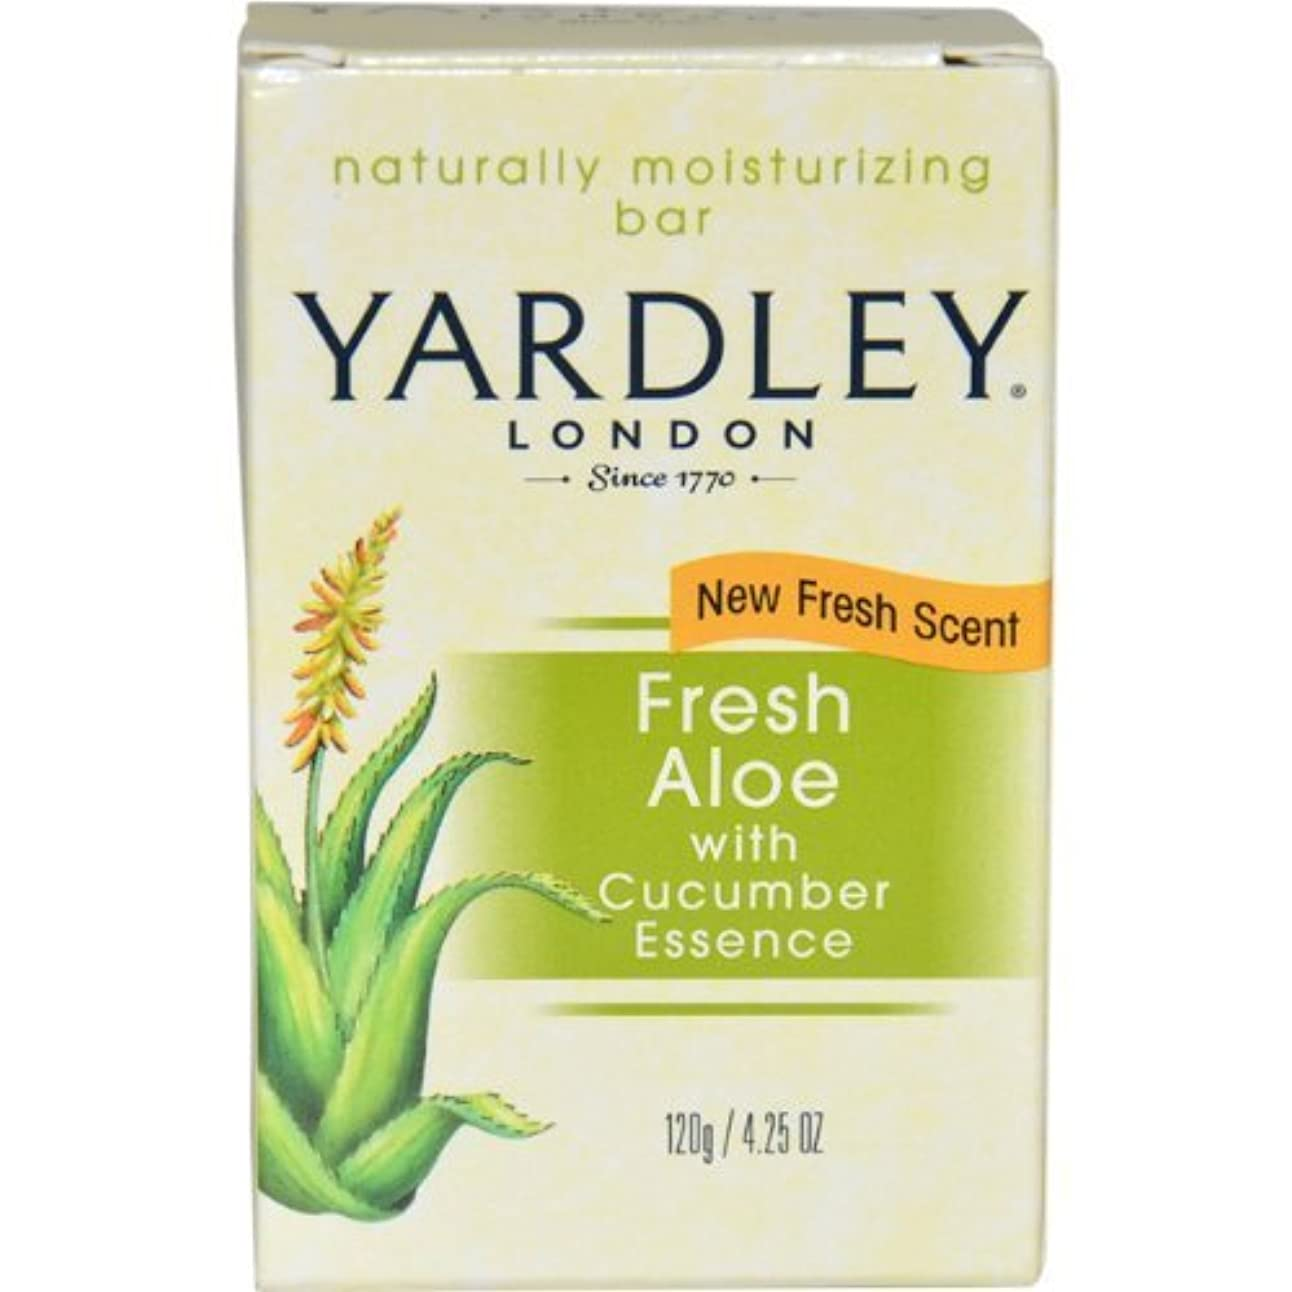 磁石マークダウンアンタゴニストFresh Aloe with Cucumber Essence Bar Soap Soap Unisex by Yardley, 4.25 Ounce (Packaging May Vary) by Yardley [...